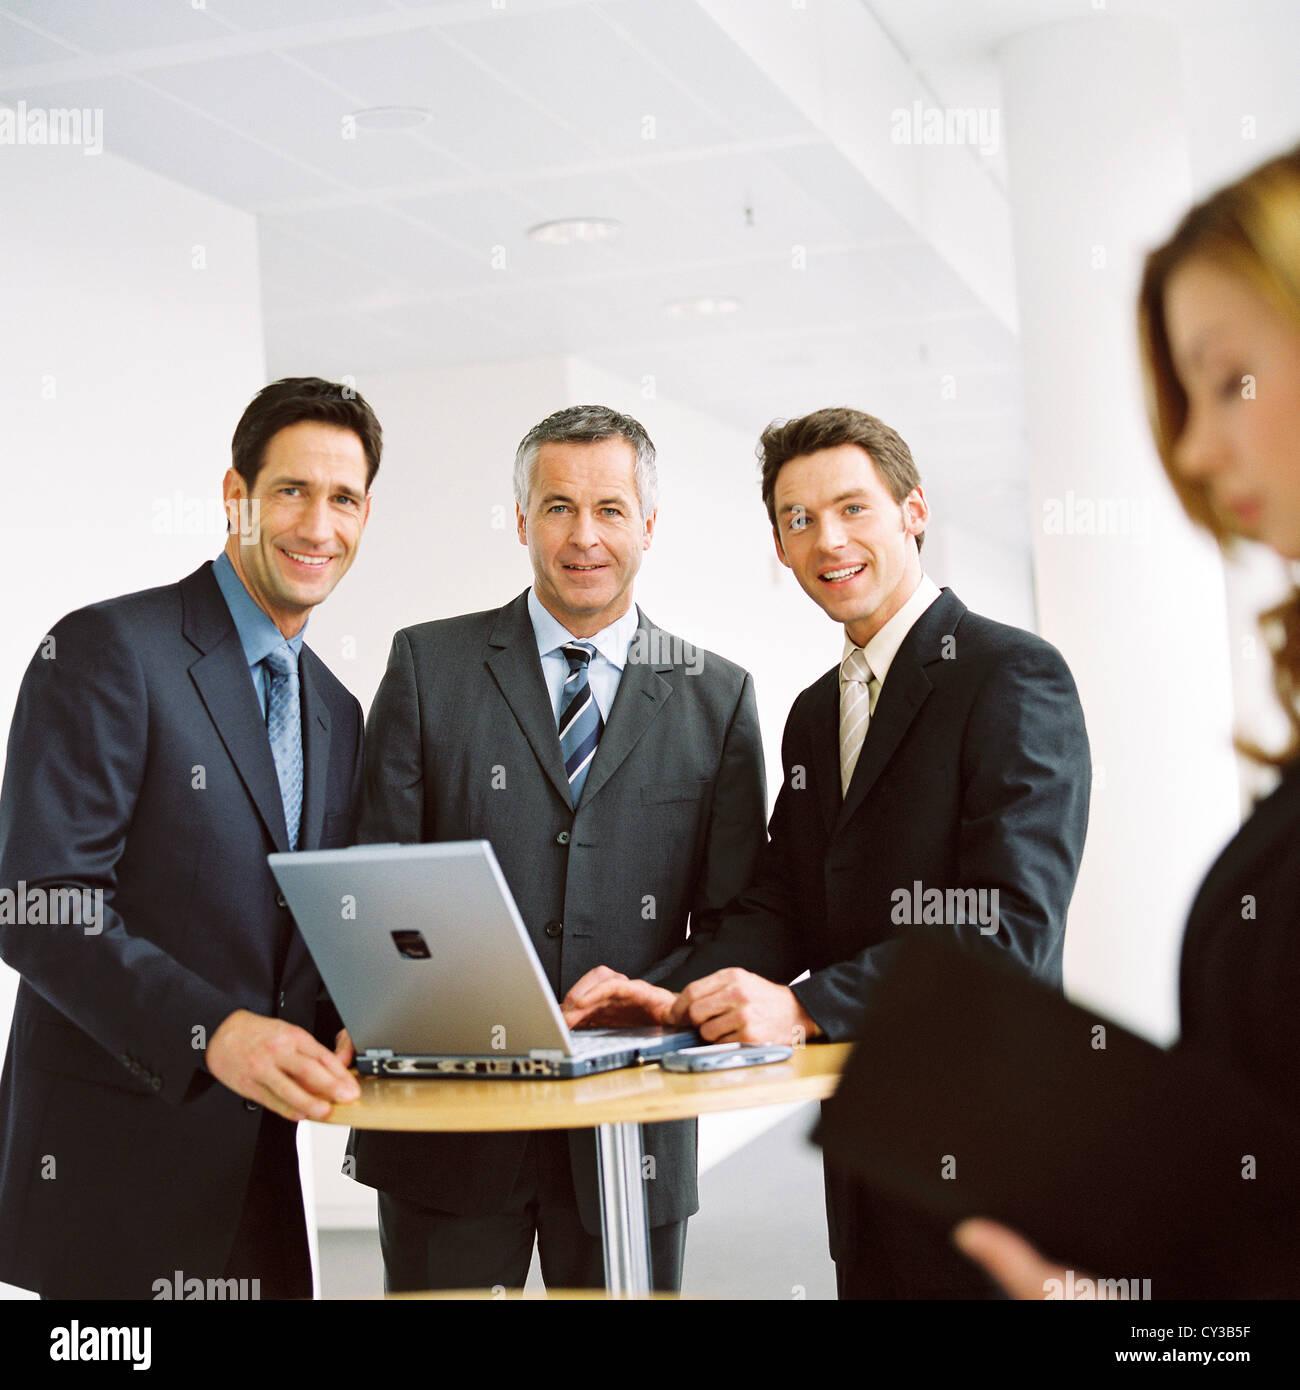 Gruppe von Geschäftsleuten mit Laptop lizenzfrei außer anzeigen und Reklametafeln Stockbild